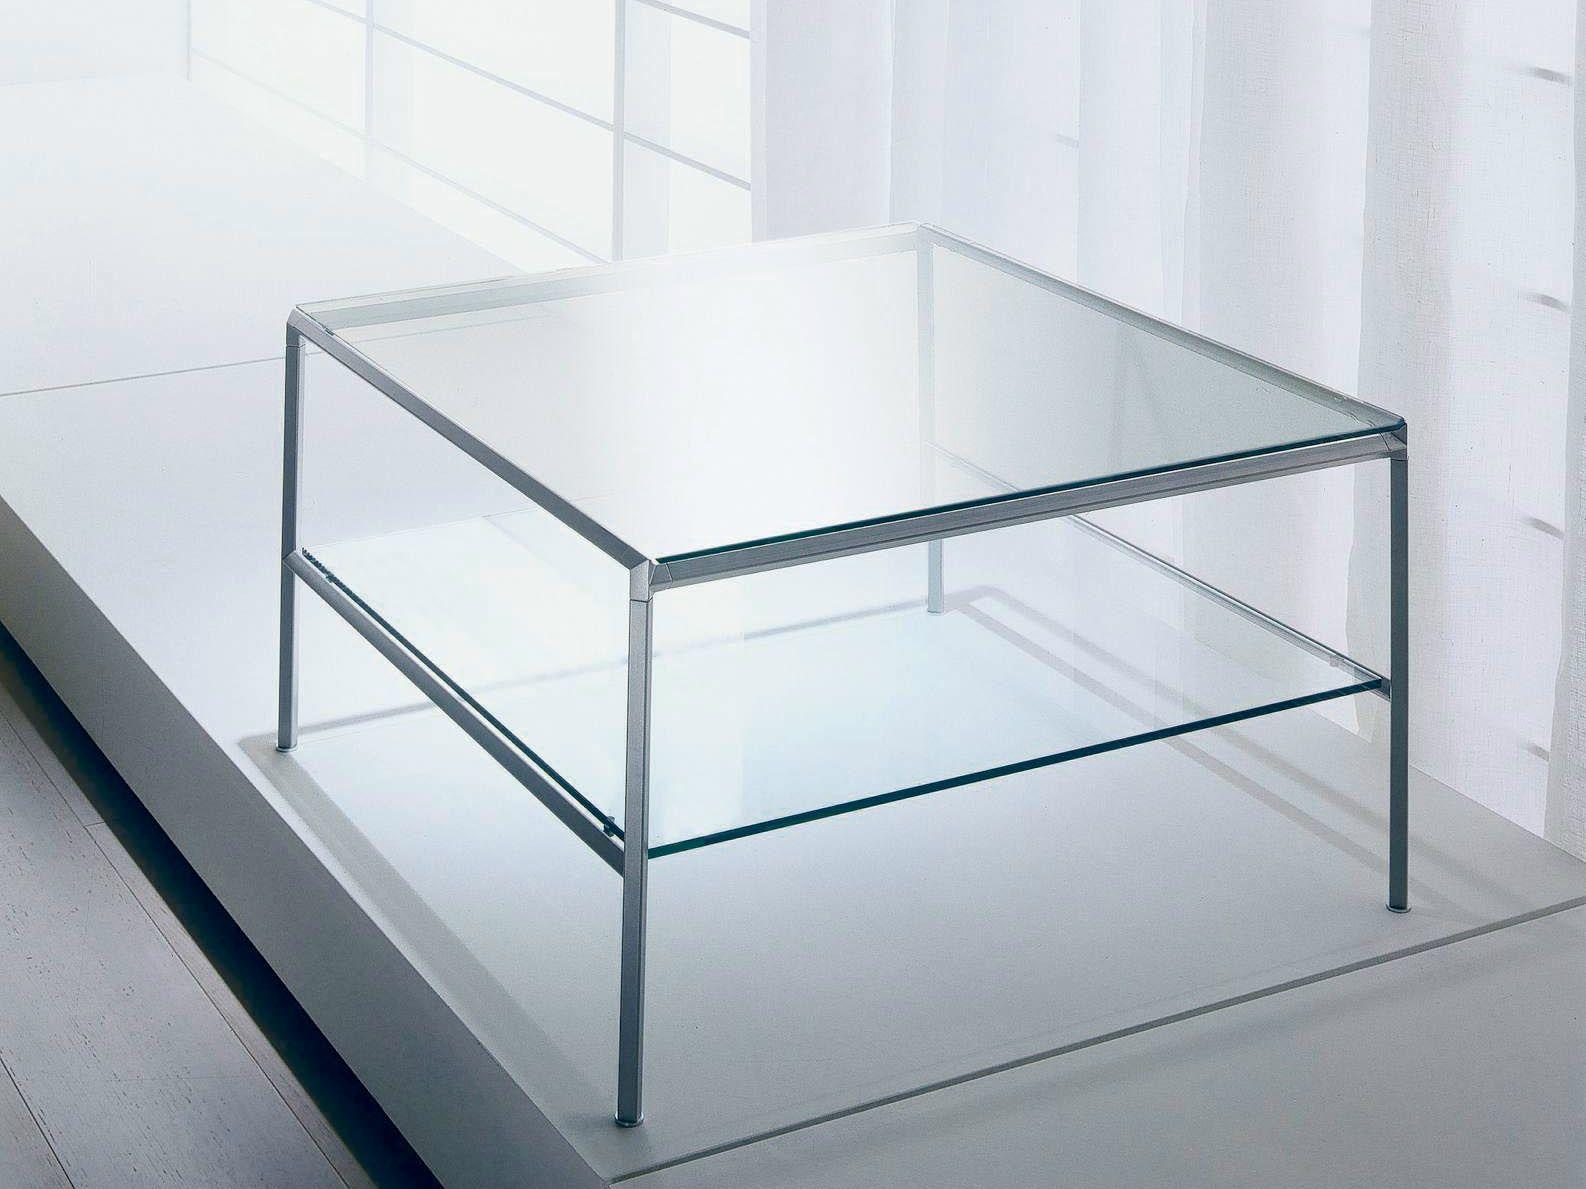 Gt Giorno Gt Tavolini Gt Tavolini In Vetro Gt Rise Tavolino Da Salotto #132633 1586 1189 Ikea Tavolini Bambini